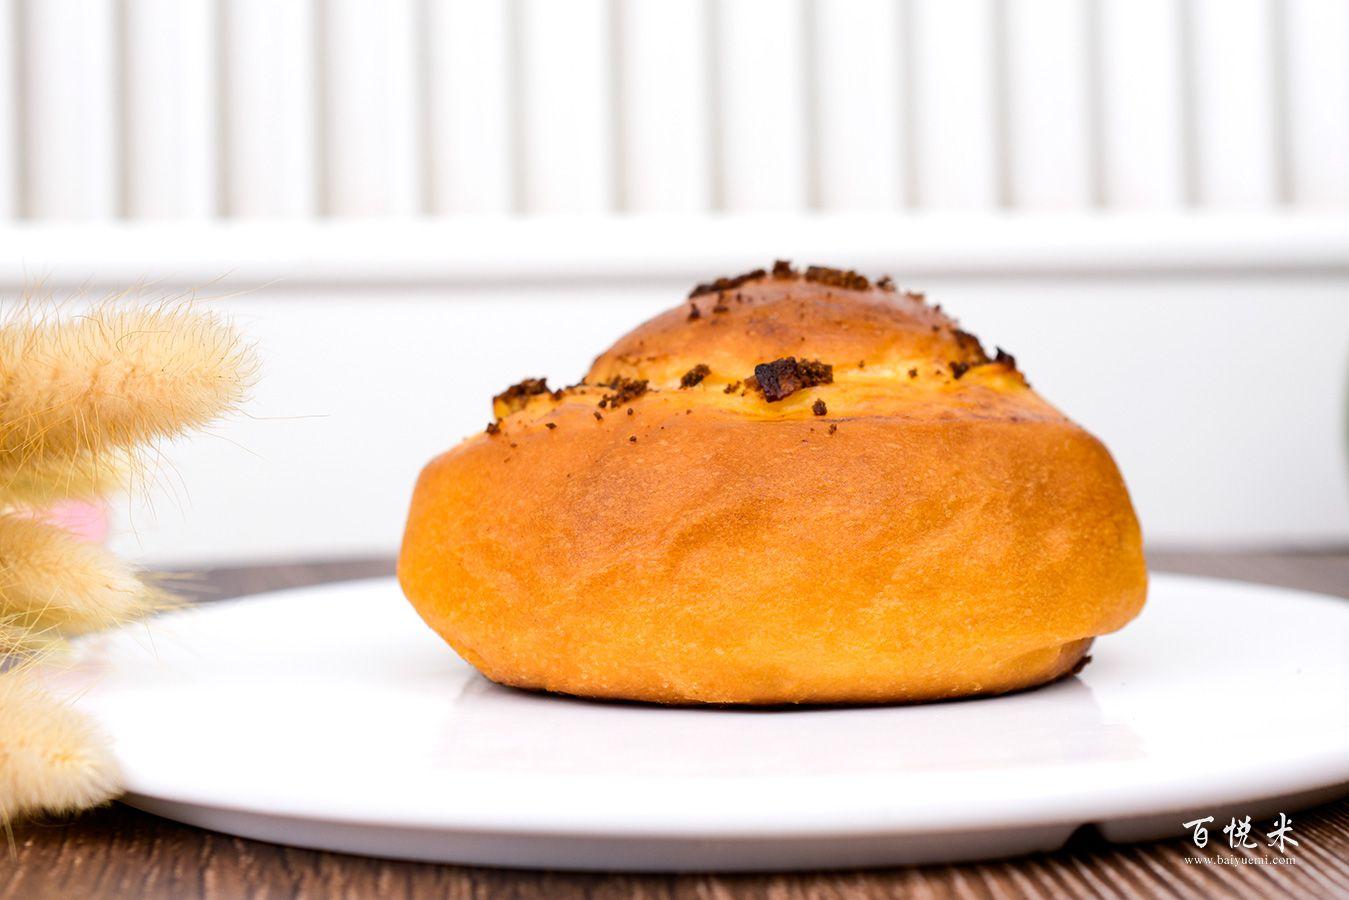 肉桂苹果面包高清图片大全【蛋糕图片】_252